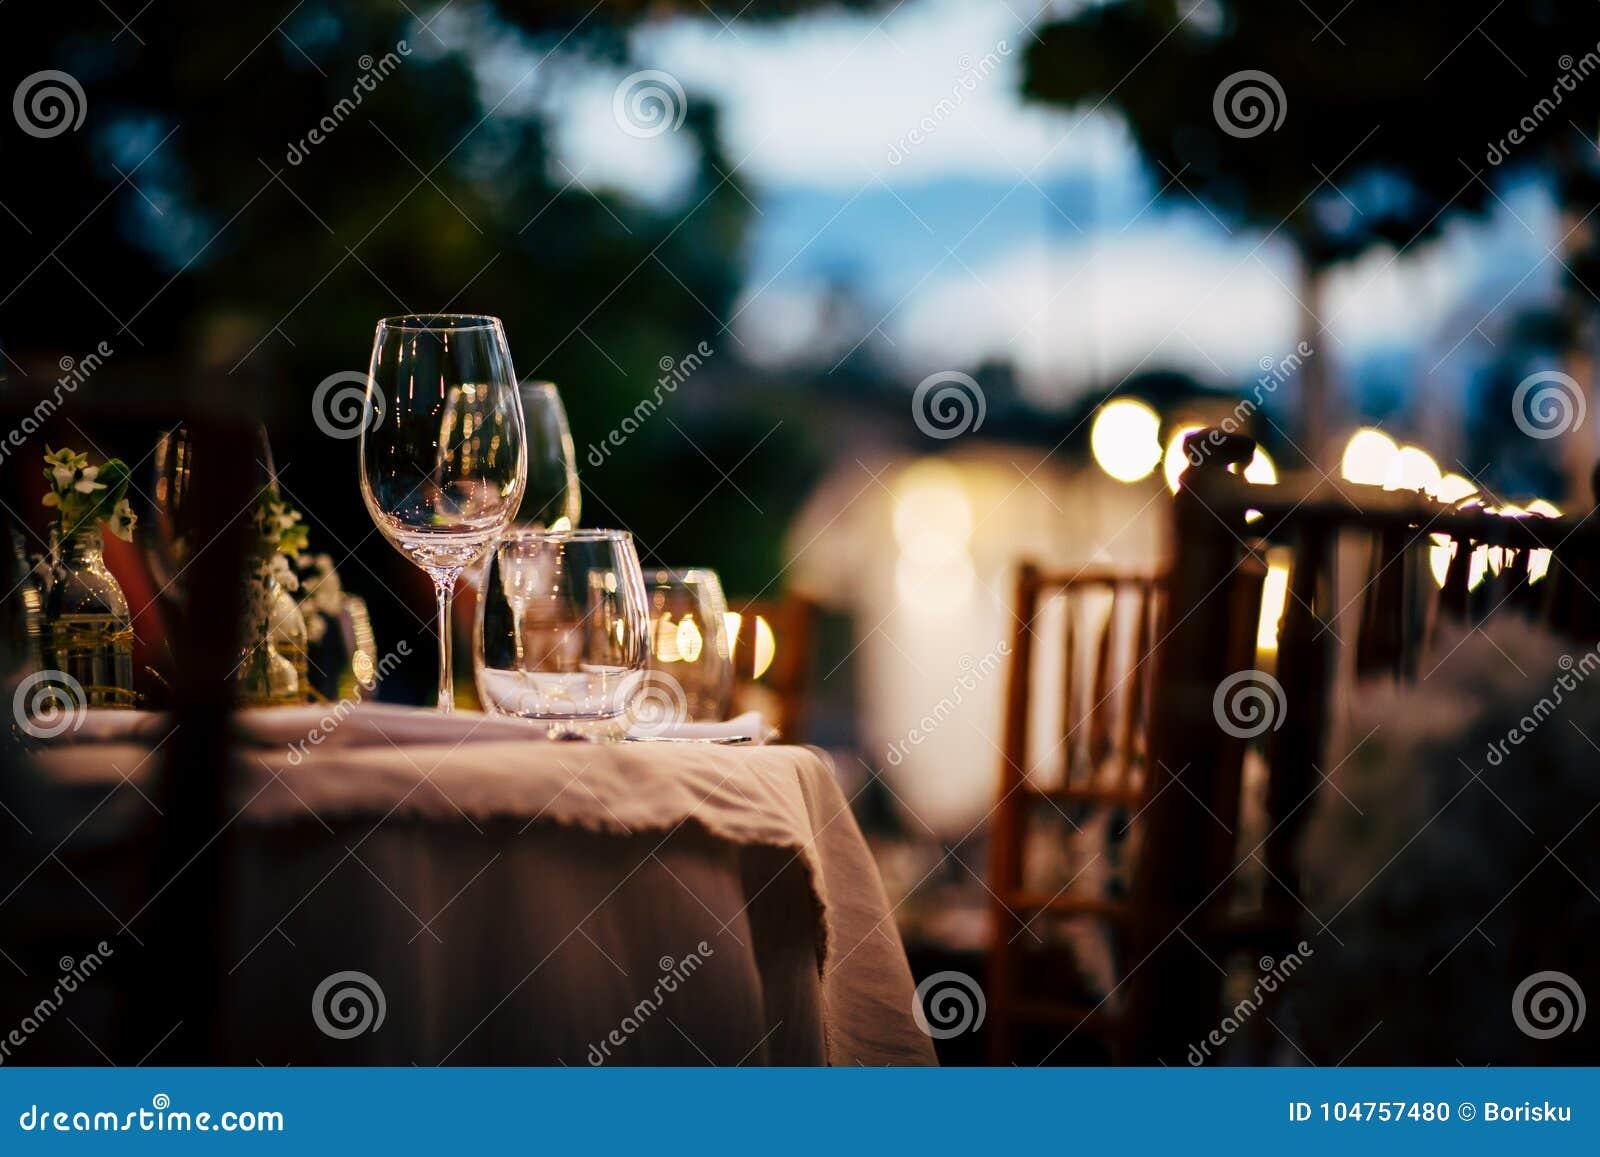 Luxusgedeck für Partei, Weihnachten, Feiertage und Hochzeiten